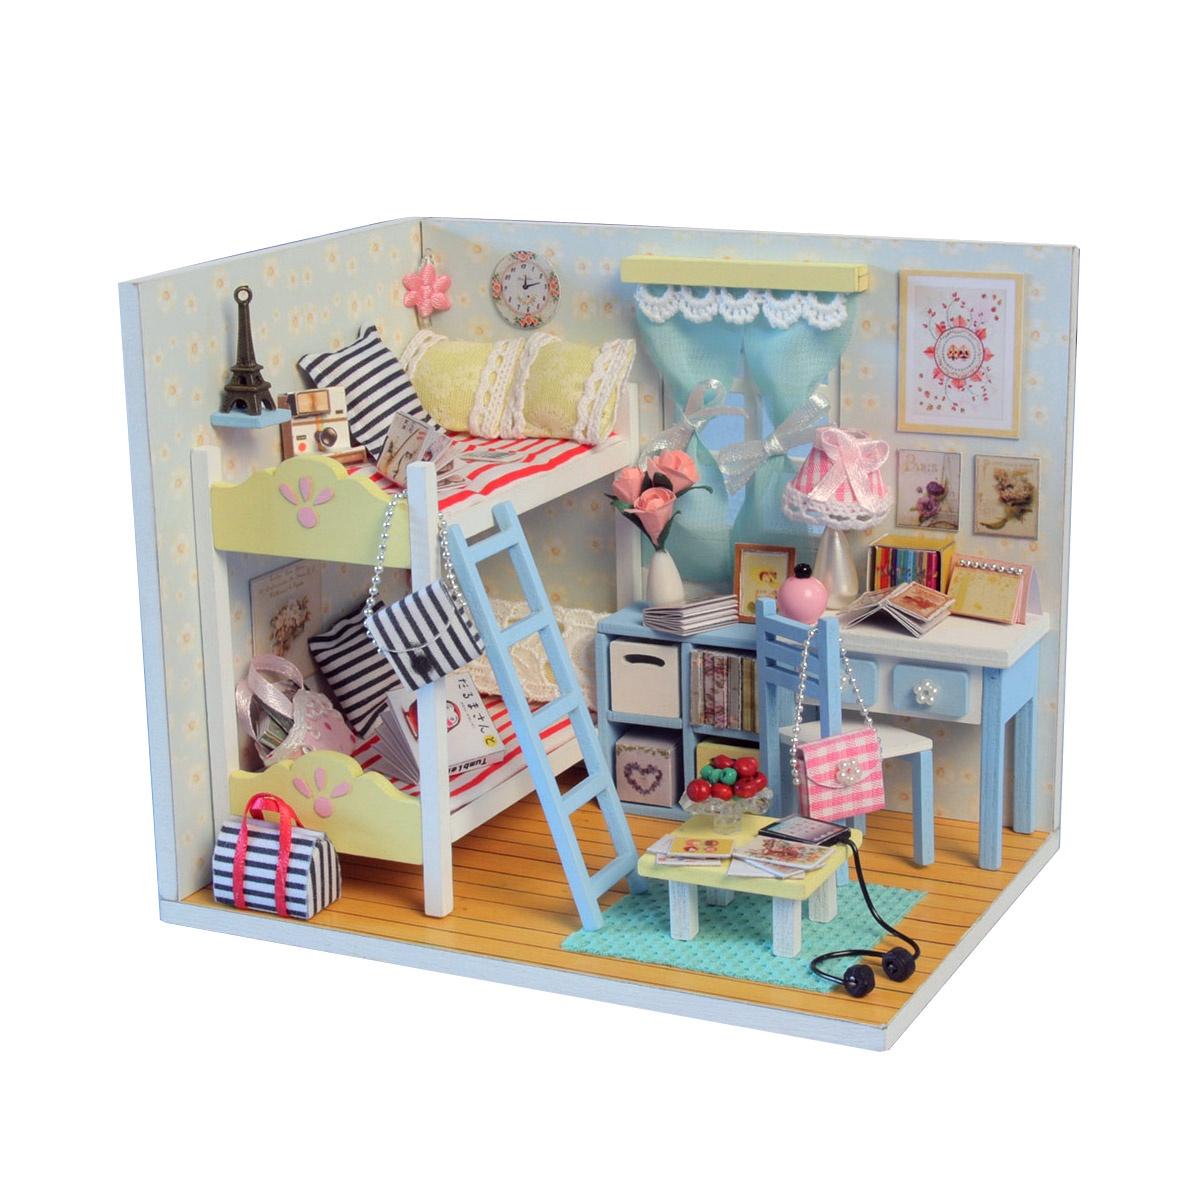 Румбокс. DIY MiniHouse. Интерьерный конструктор. Комната девчонок